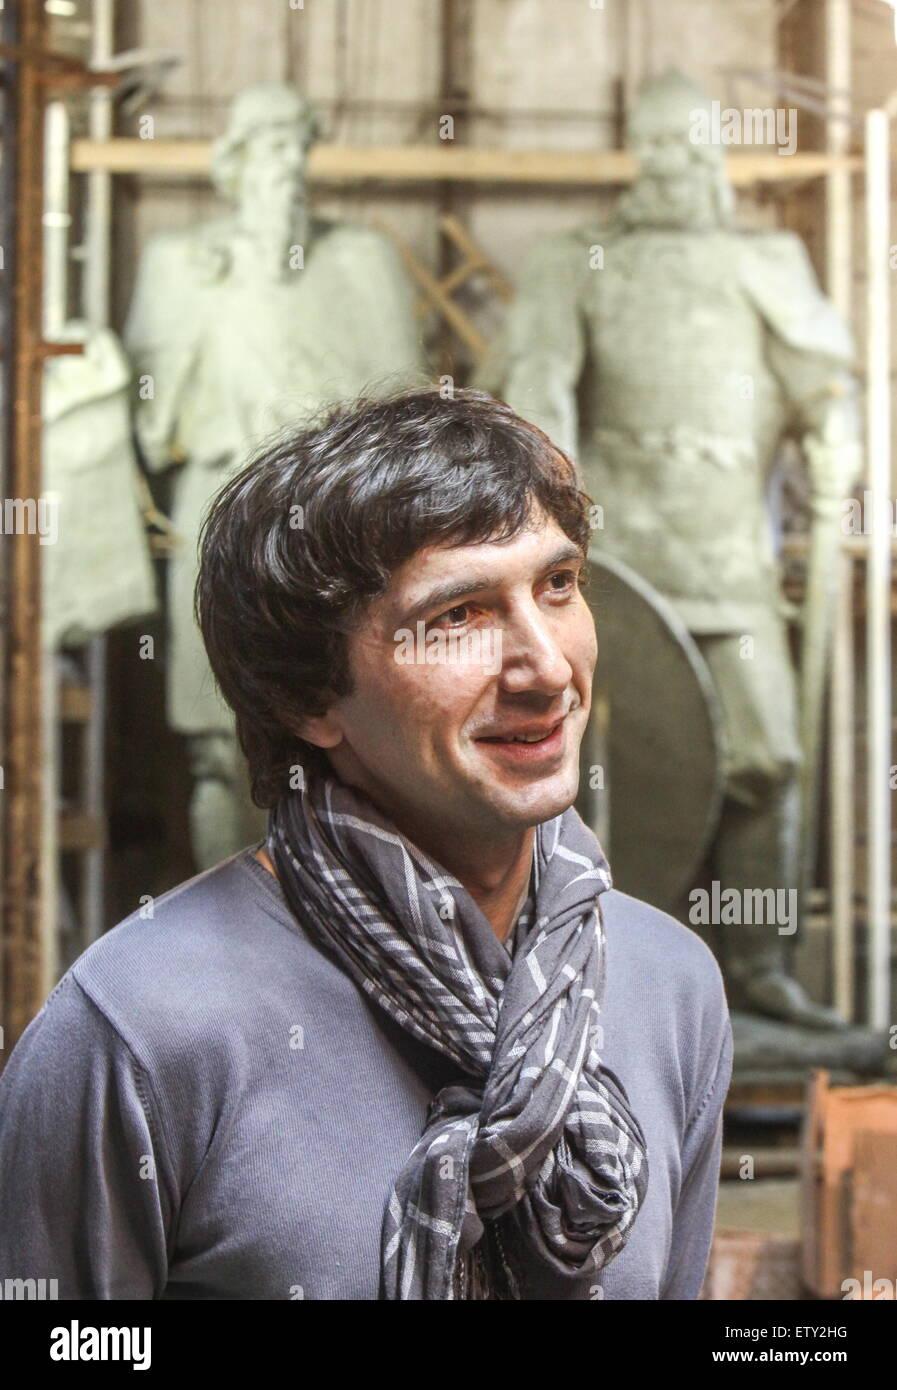 ST PETERSBURG, RUSSLAND. 15. JUNI 2015. Bildhauer Oleg Shorov in einem Workshop mit unvollendeten Statuen von Rurik Stockbild